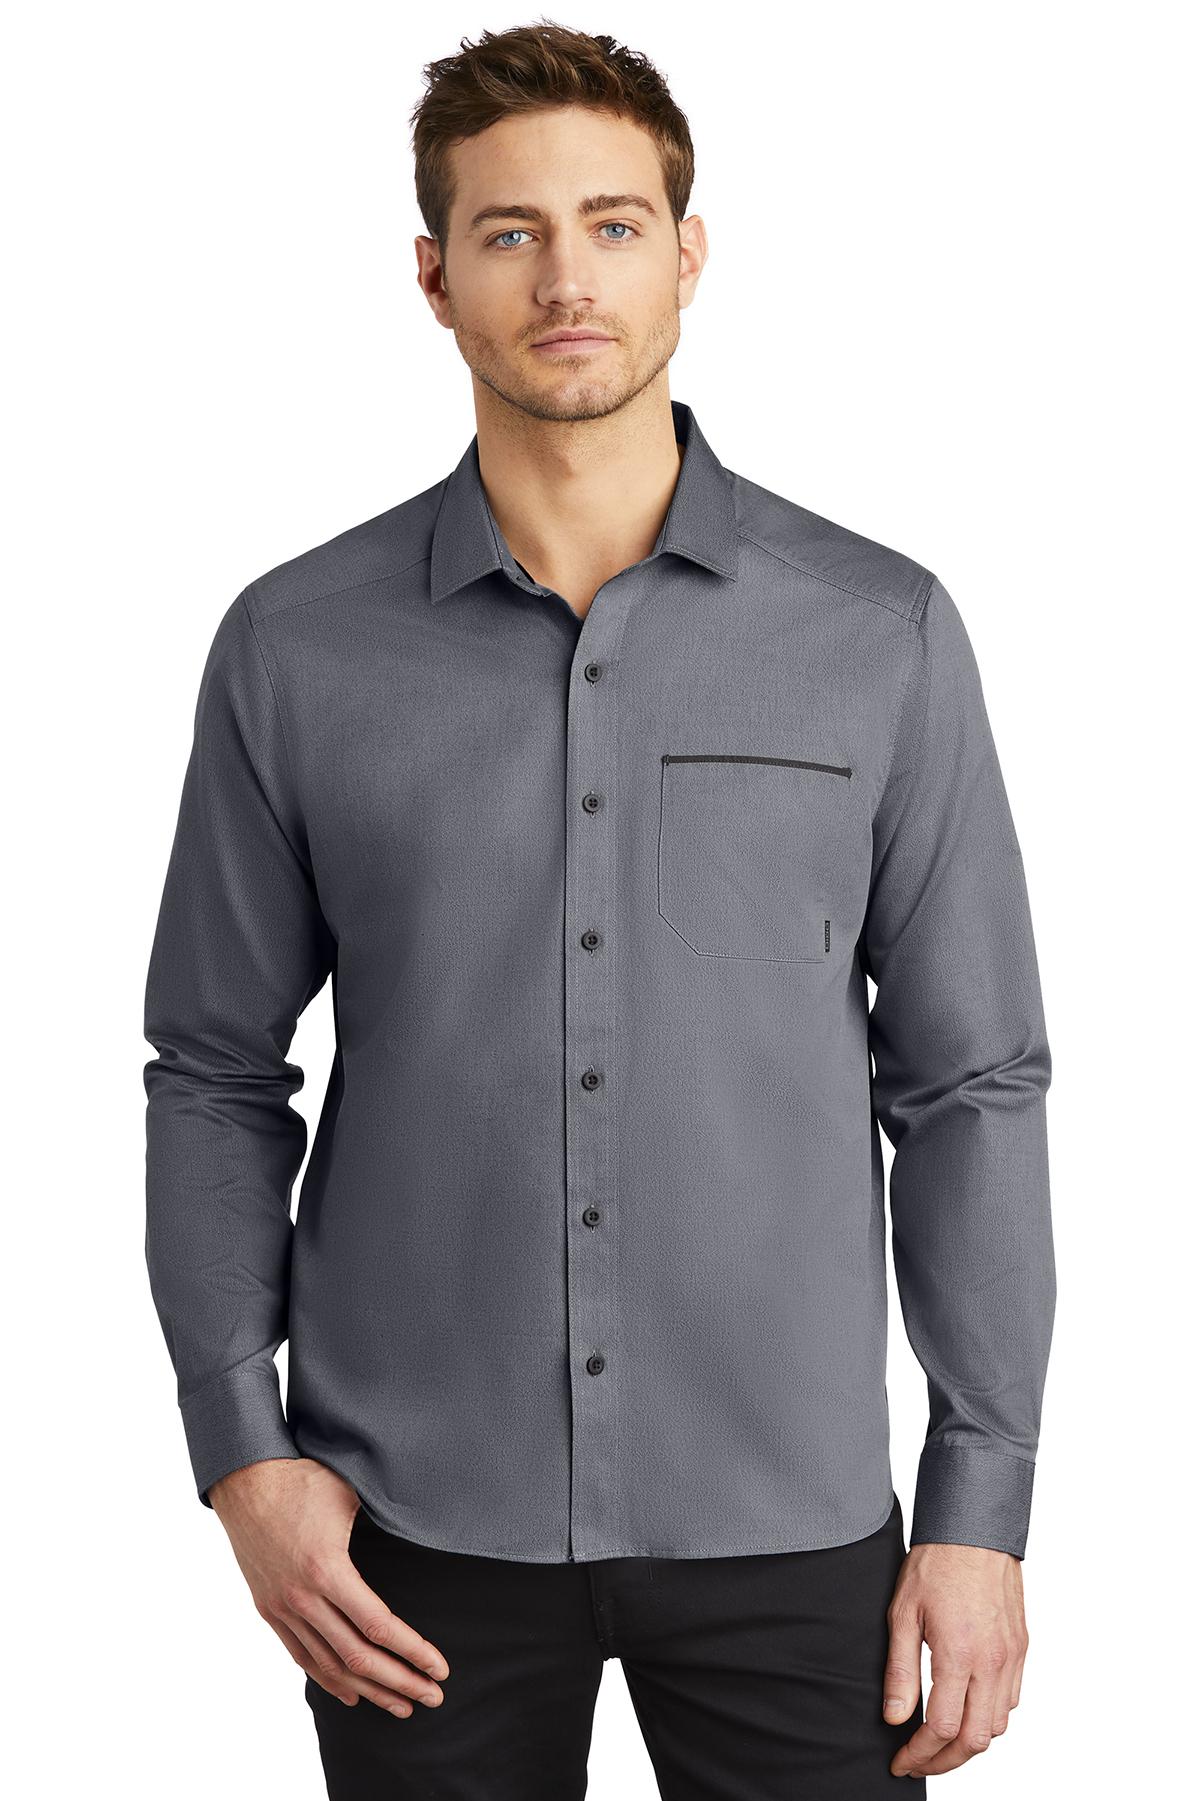 OGIO OG1000 - Urban Shirt